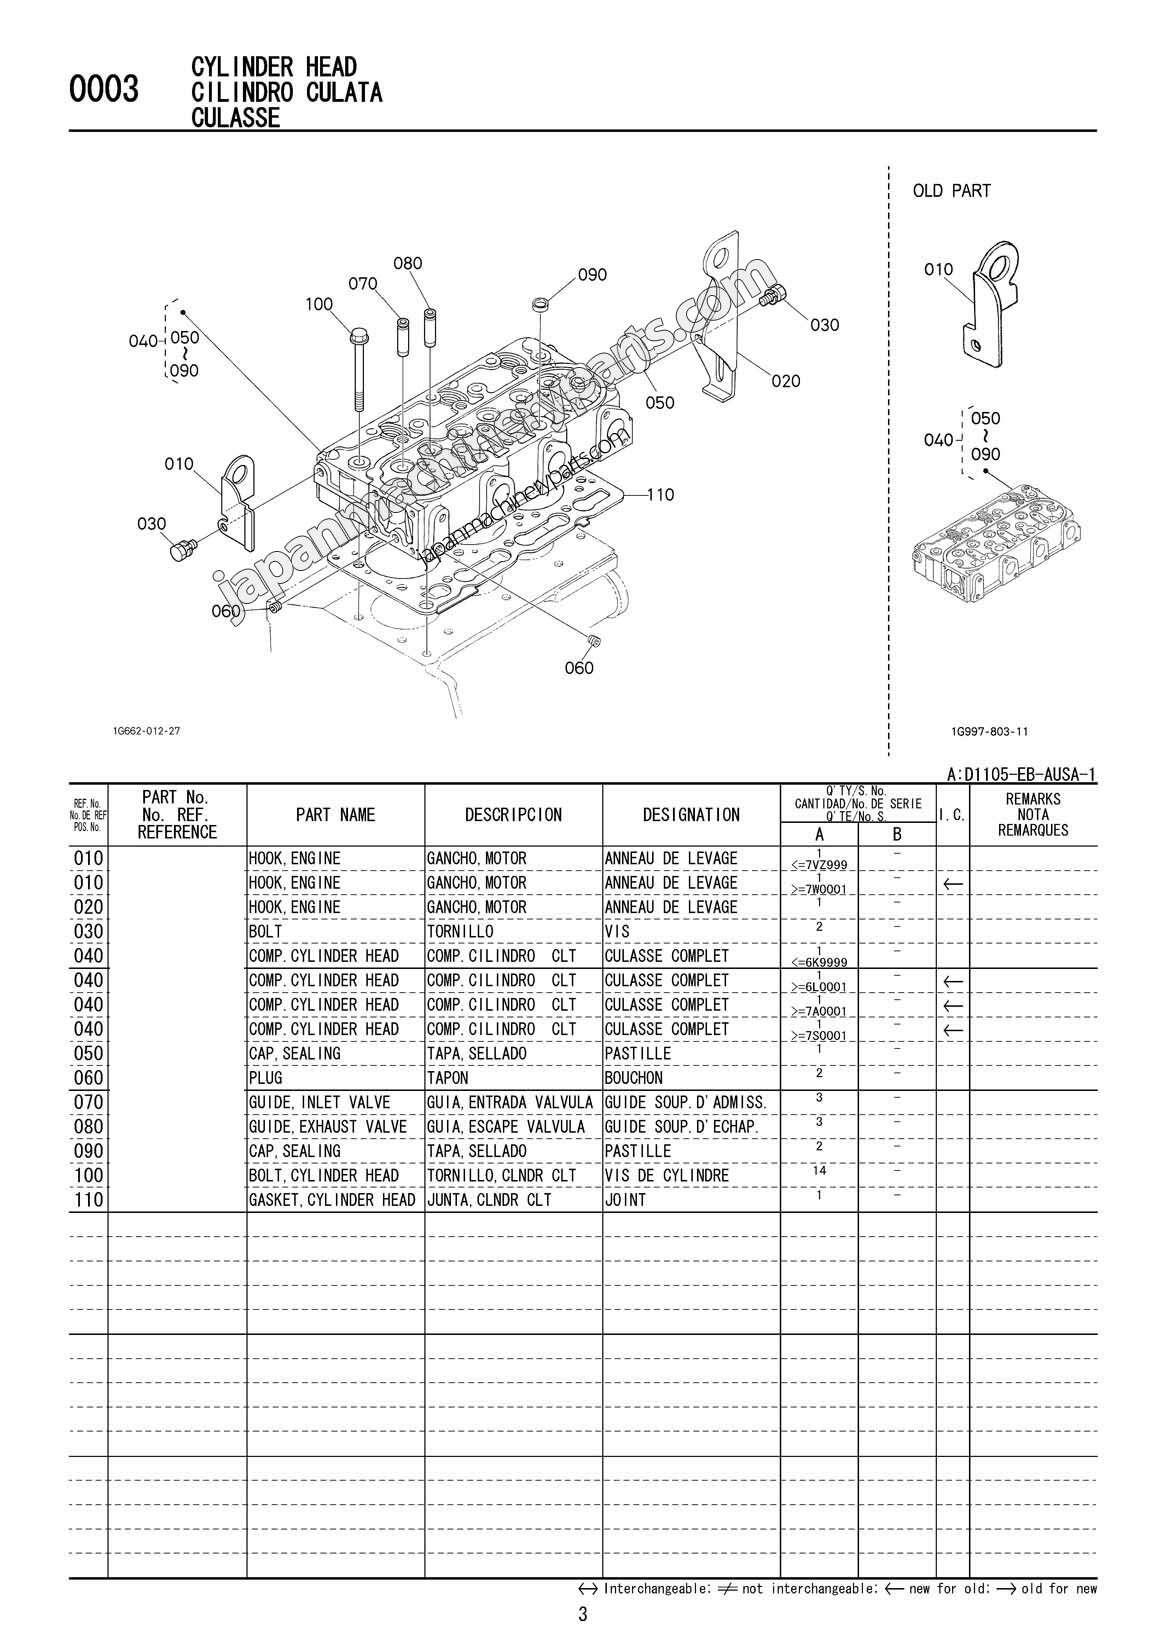 Parts for KUBOTA D1105-EB